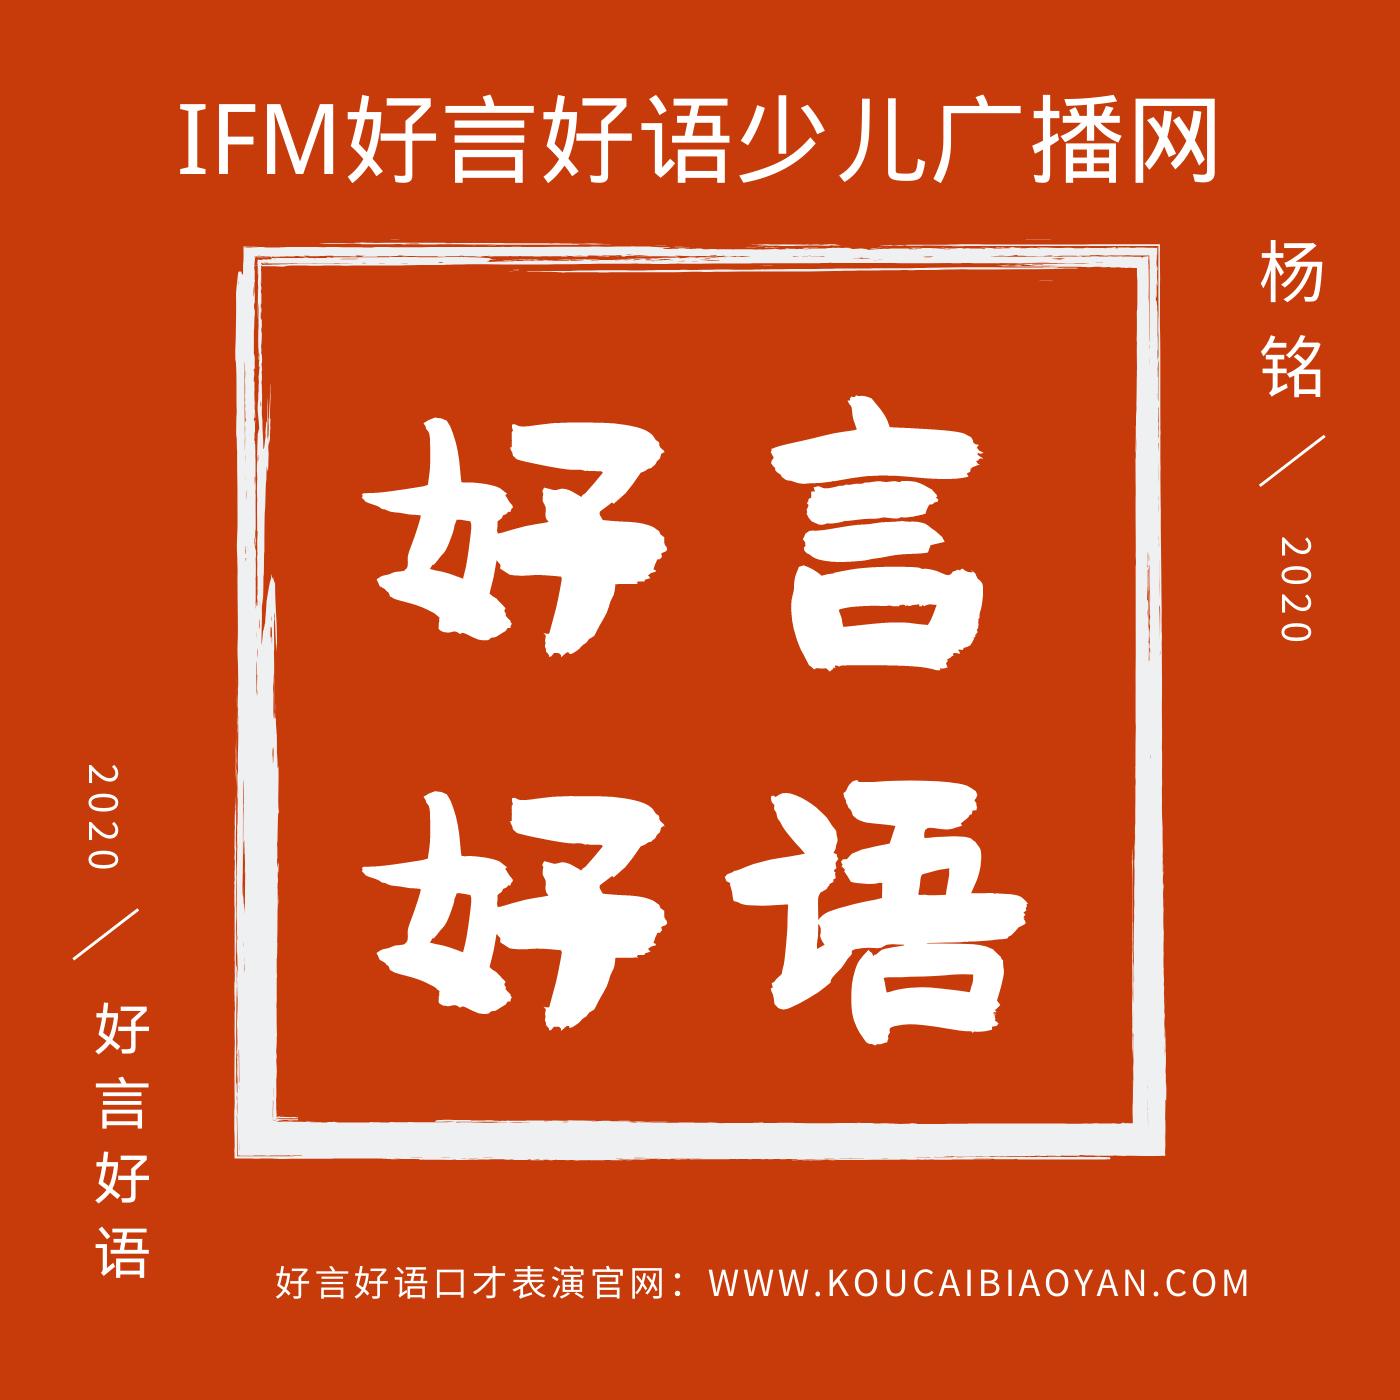 IFM好言好语少儿广播网